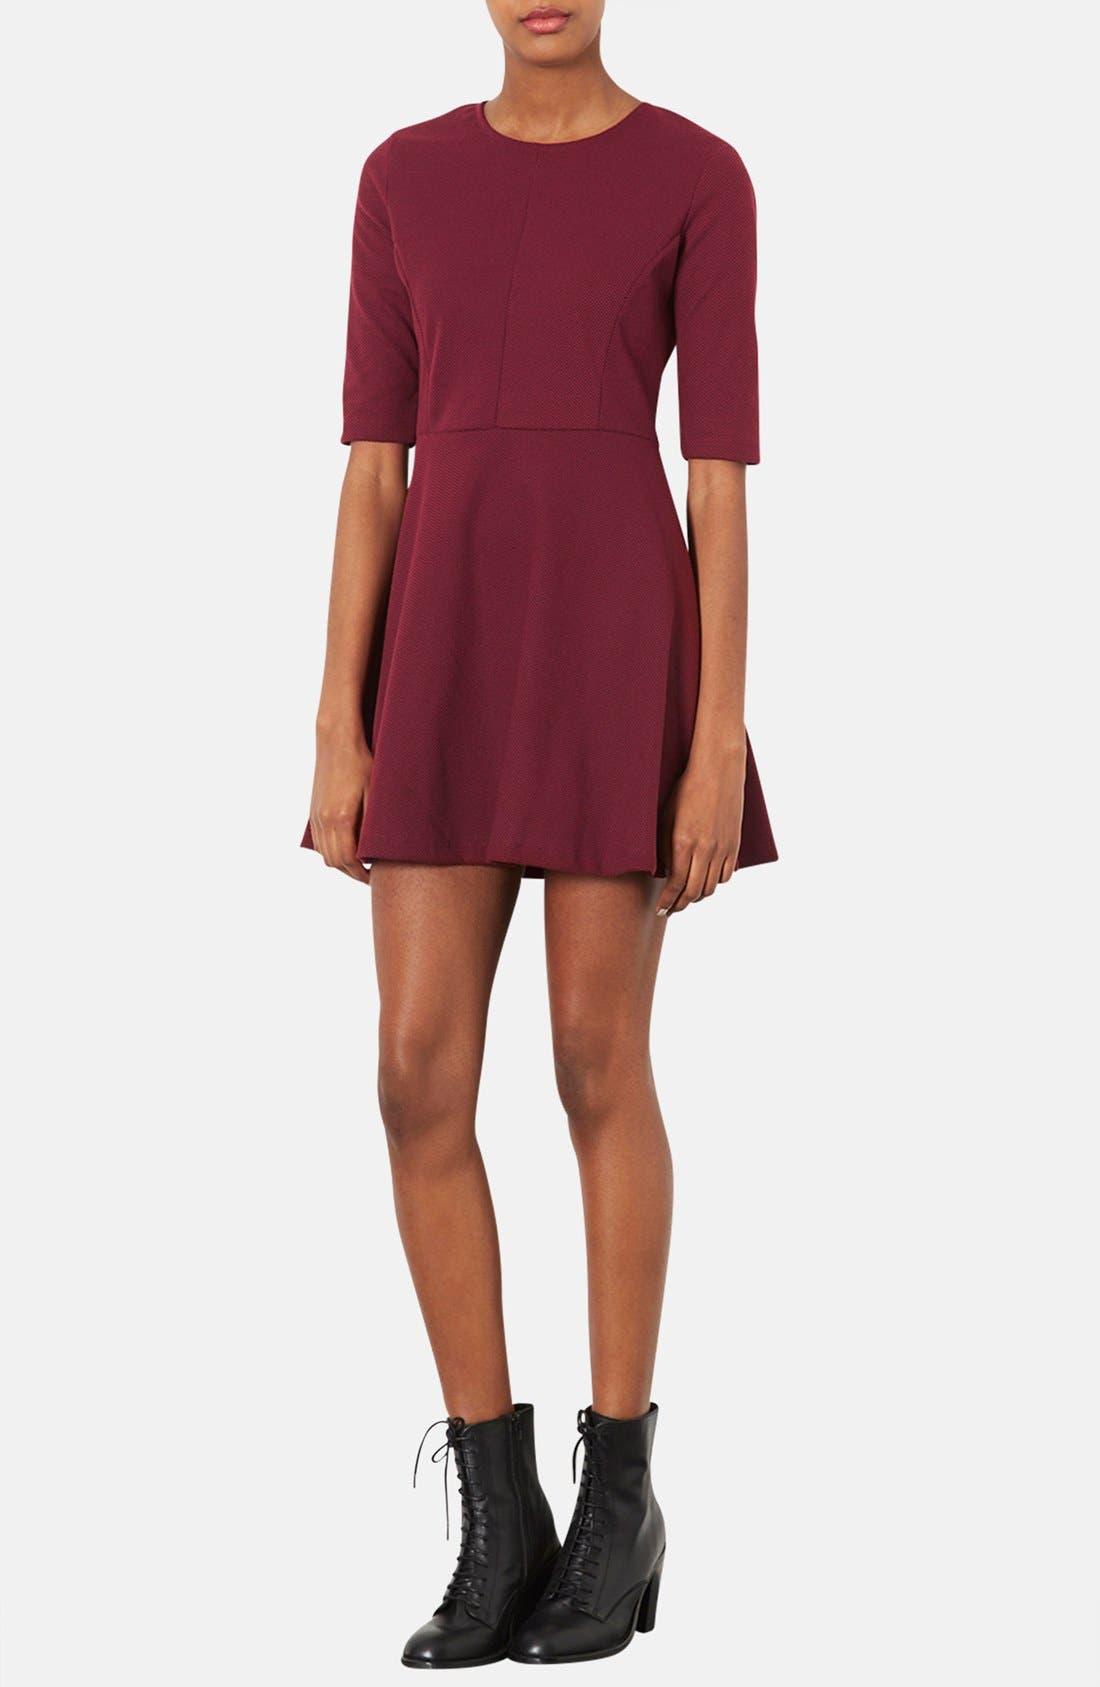 Alternate Image 1 Selected - Topshop Seamed Textured Skater Dress